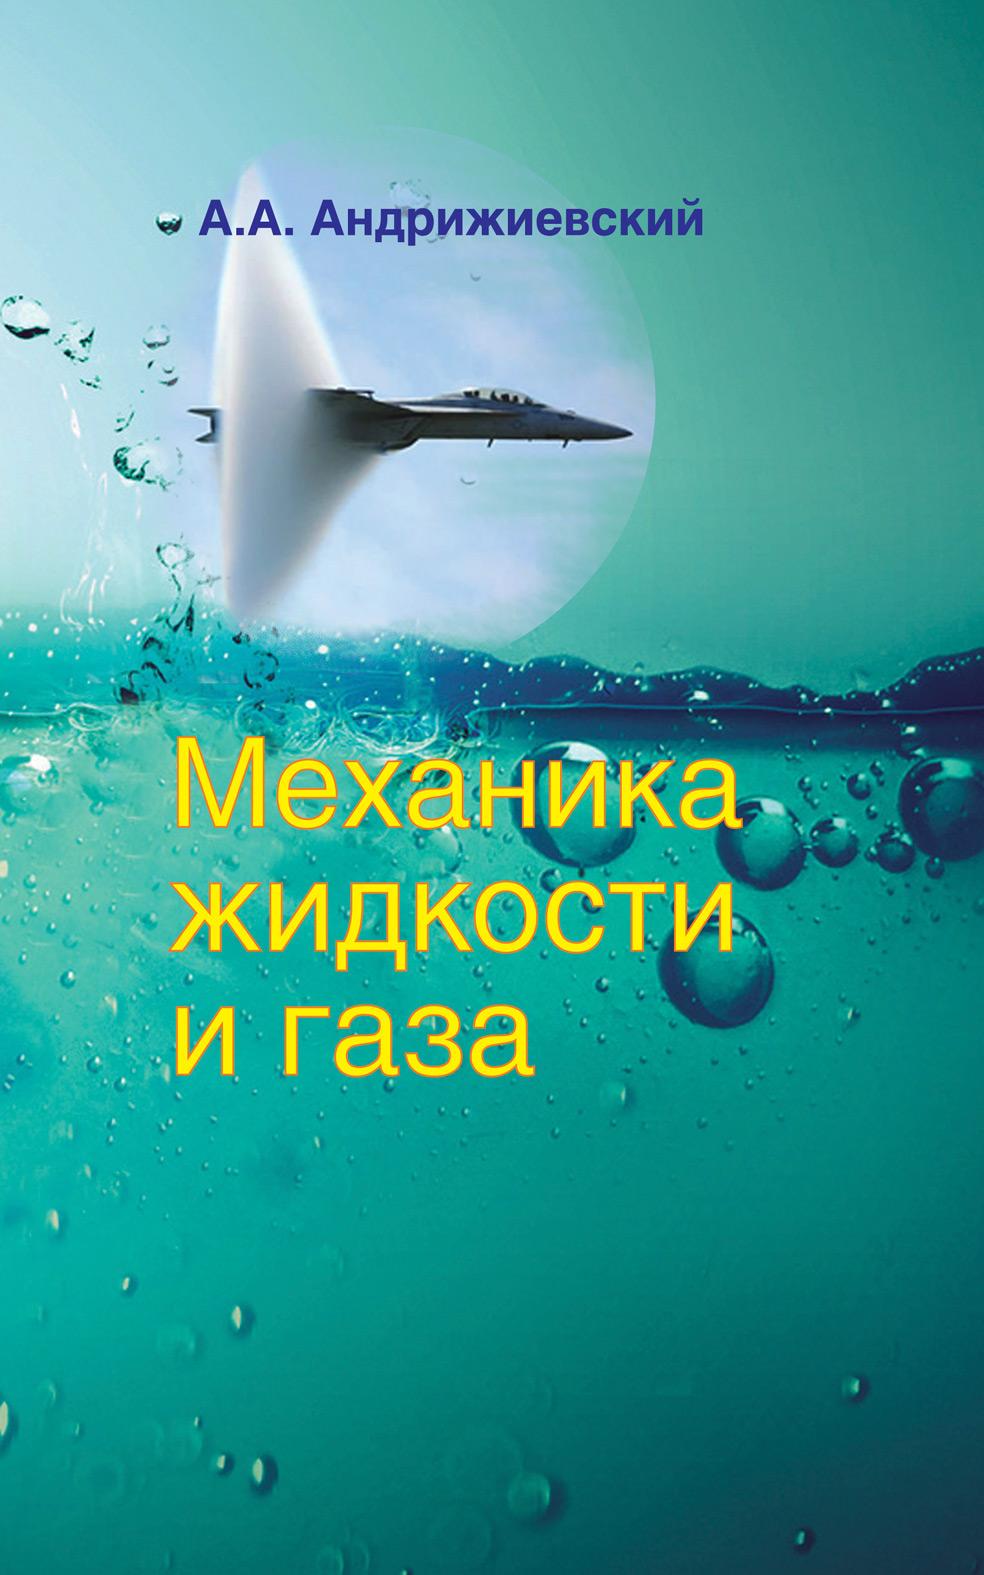 А. А. Андрижиевский Механика жидкости и газа